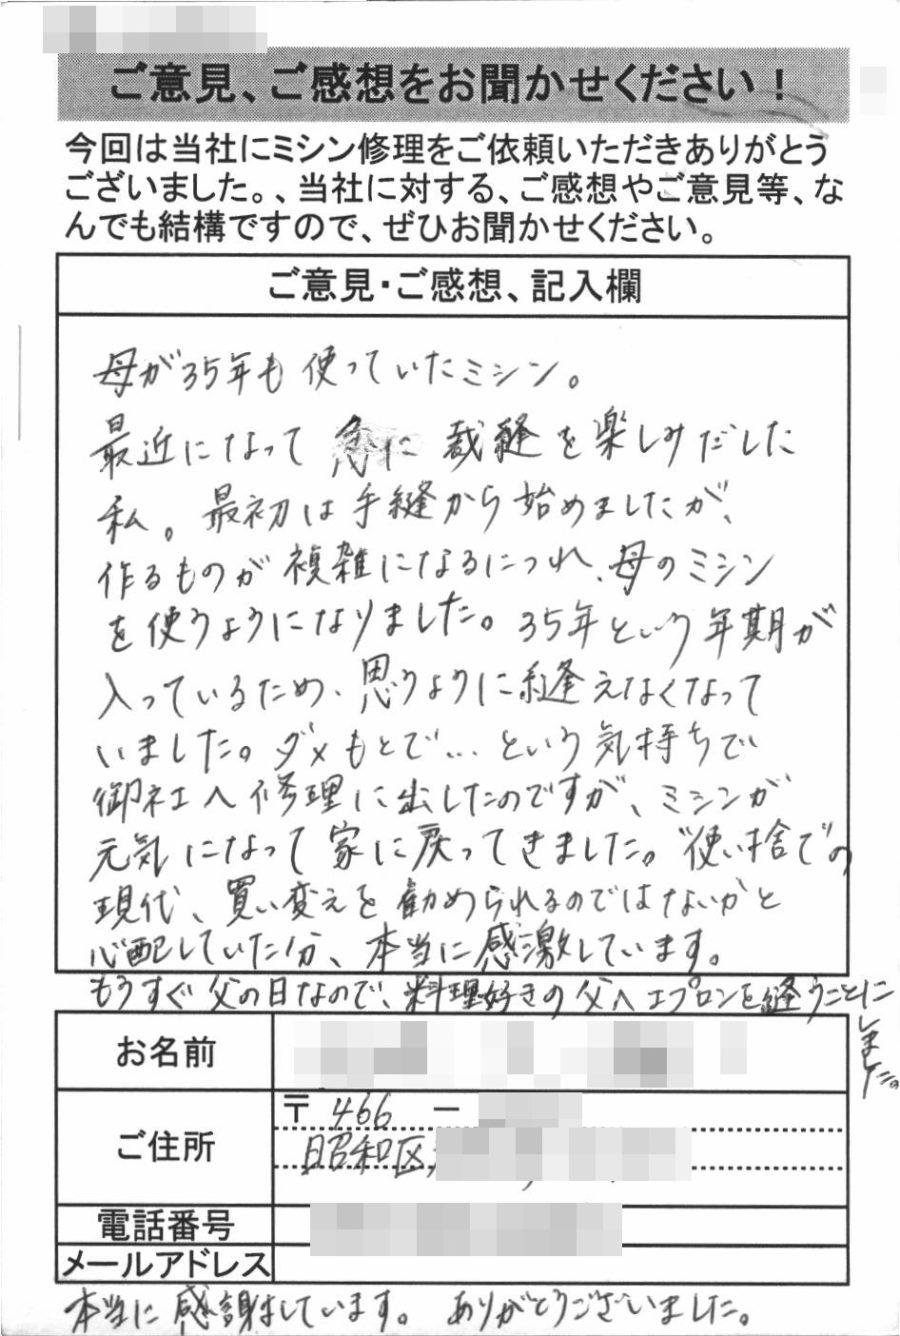 昭和区からミシン修理のお客様の声